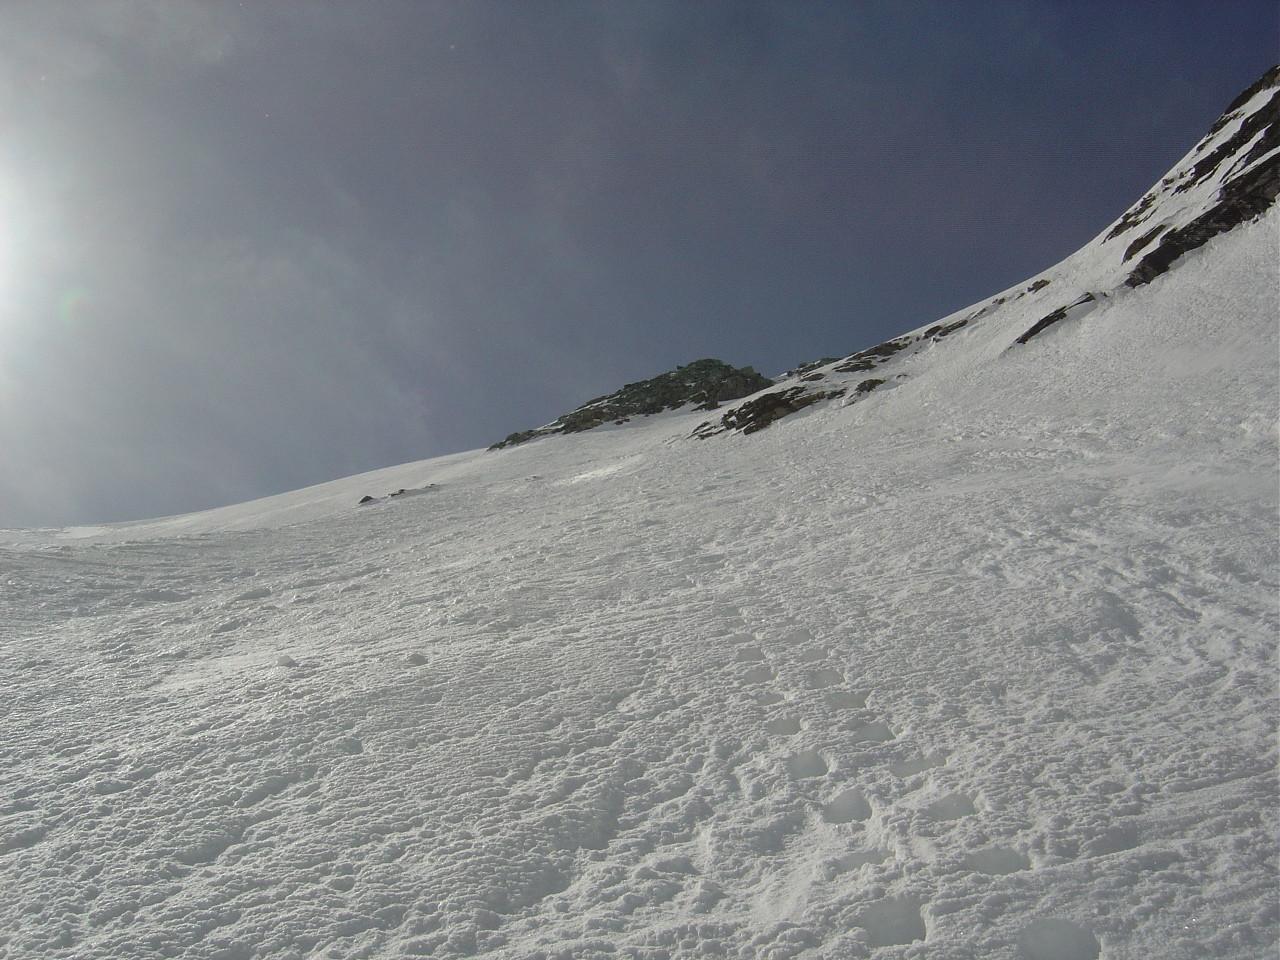 """Après le départ direct du sommet, je rejoins la neige dure de la """"piste""""..."""